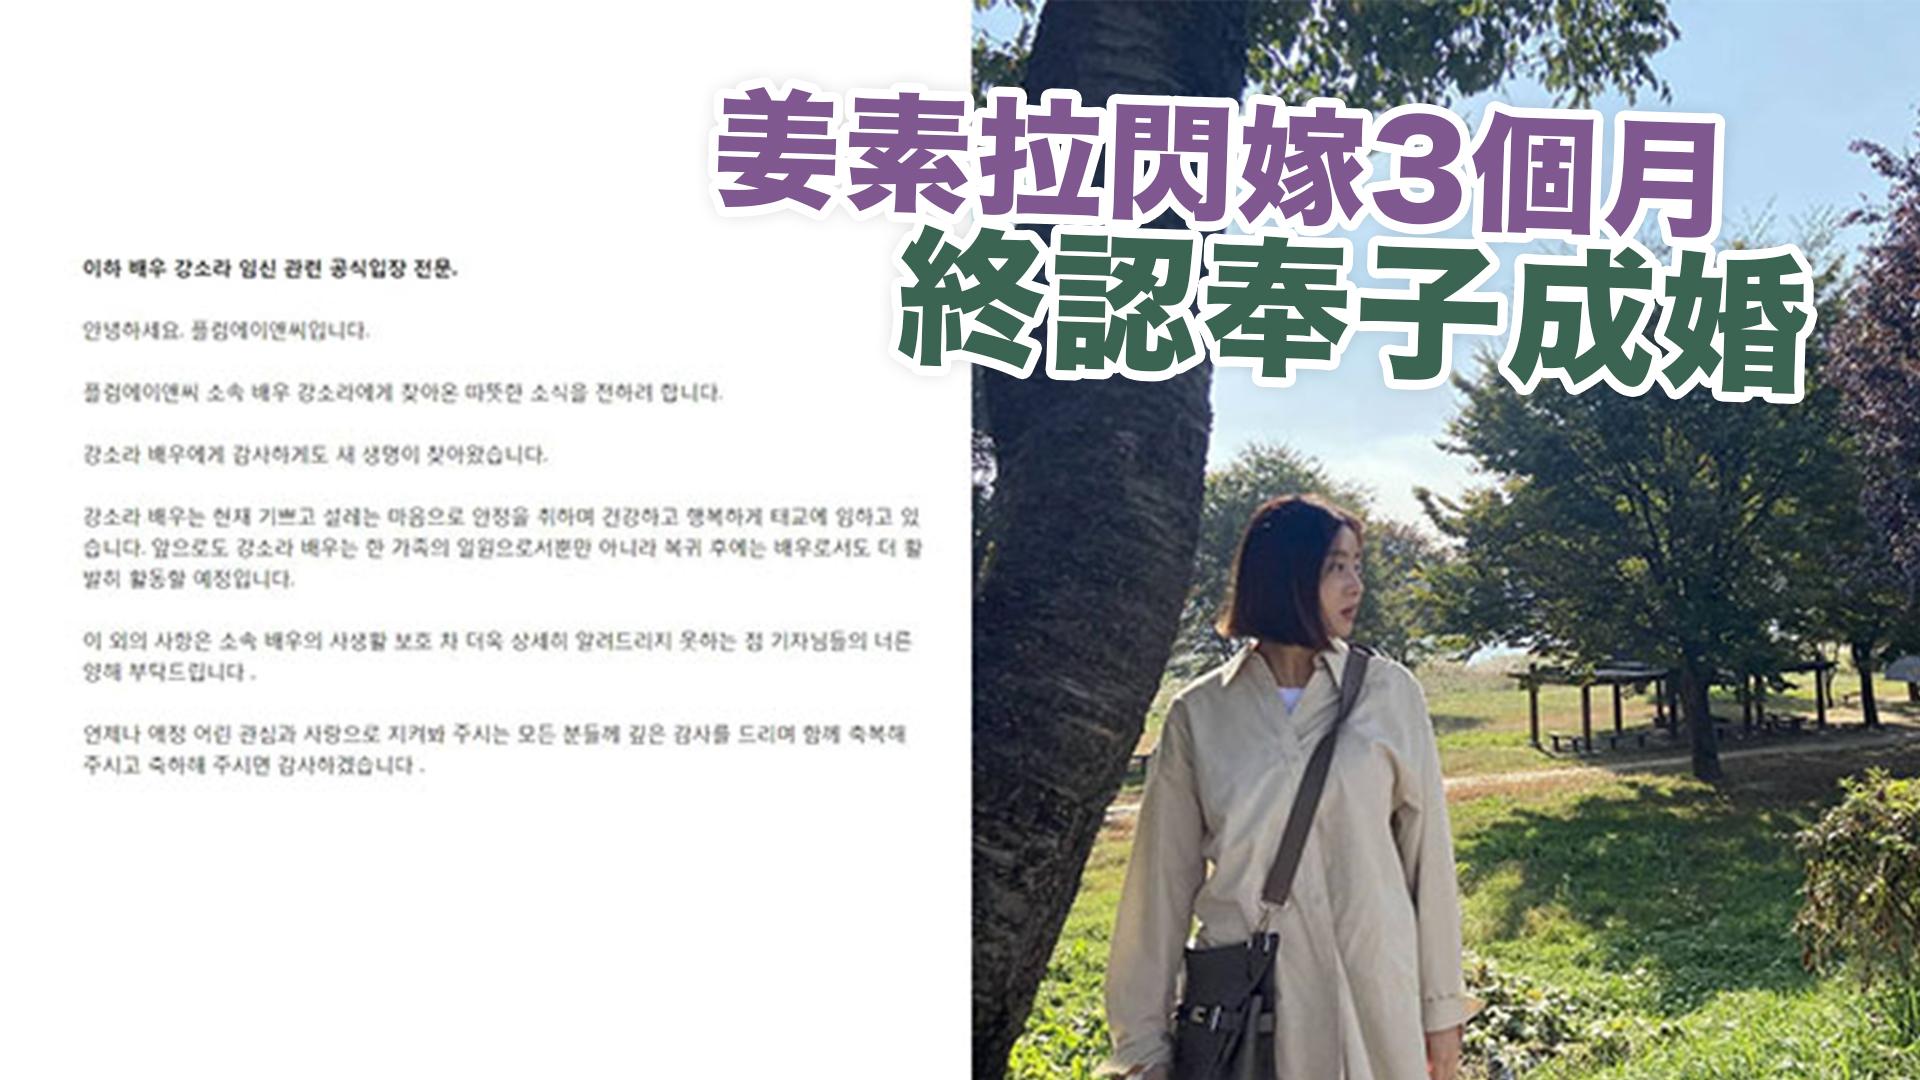 姜素拉閃嫁3個月終認奉子成婚  剪短髮專心養胎